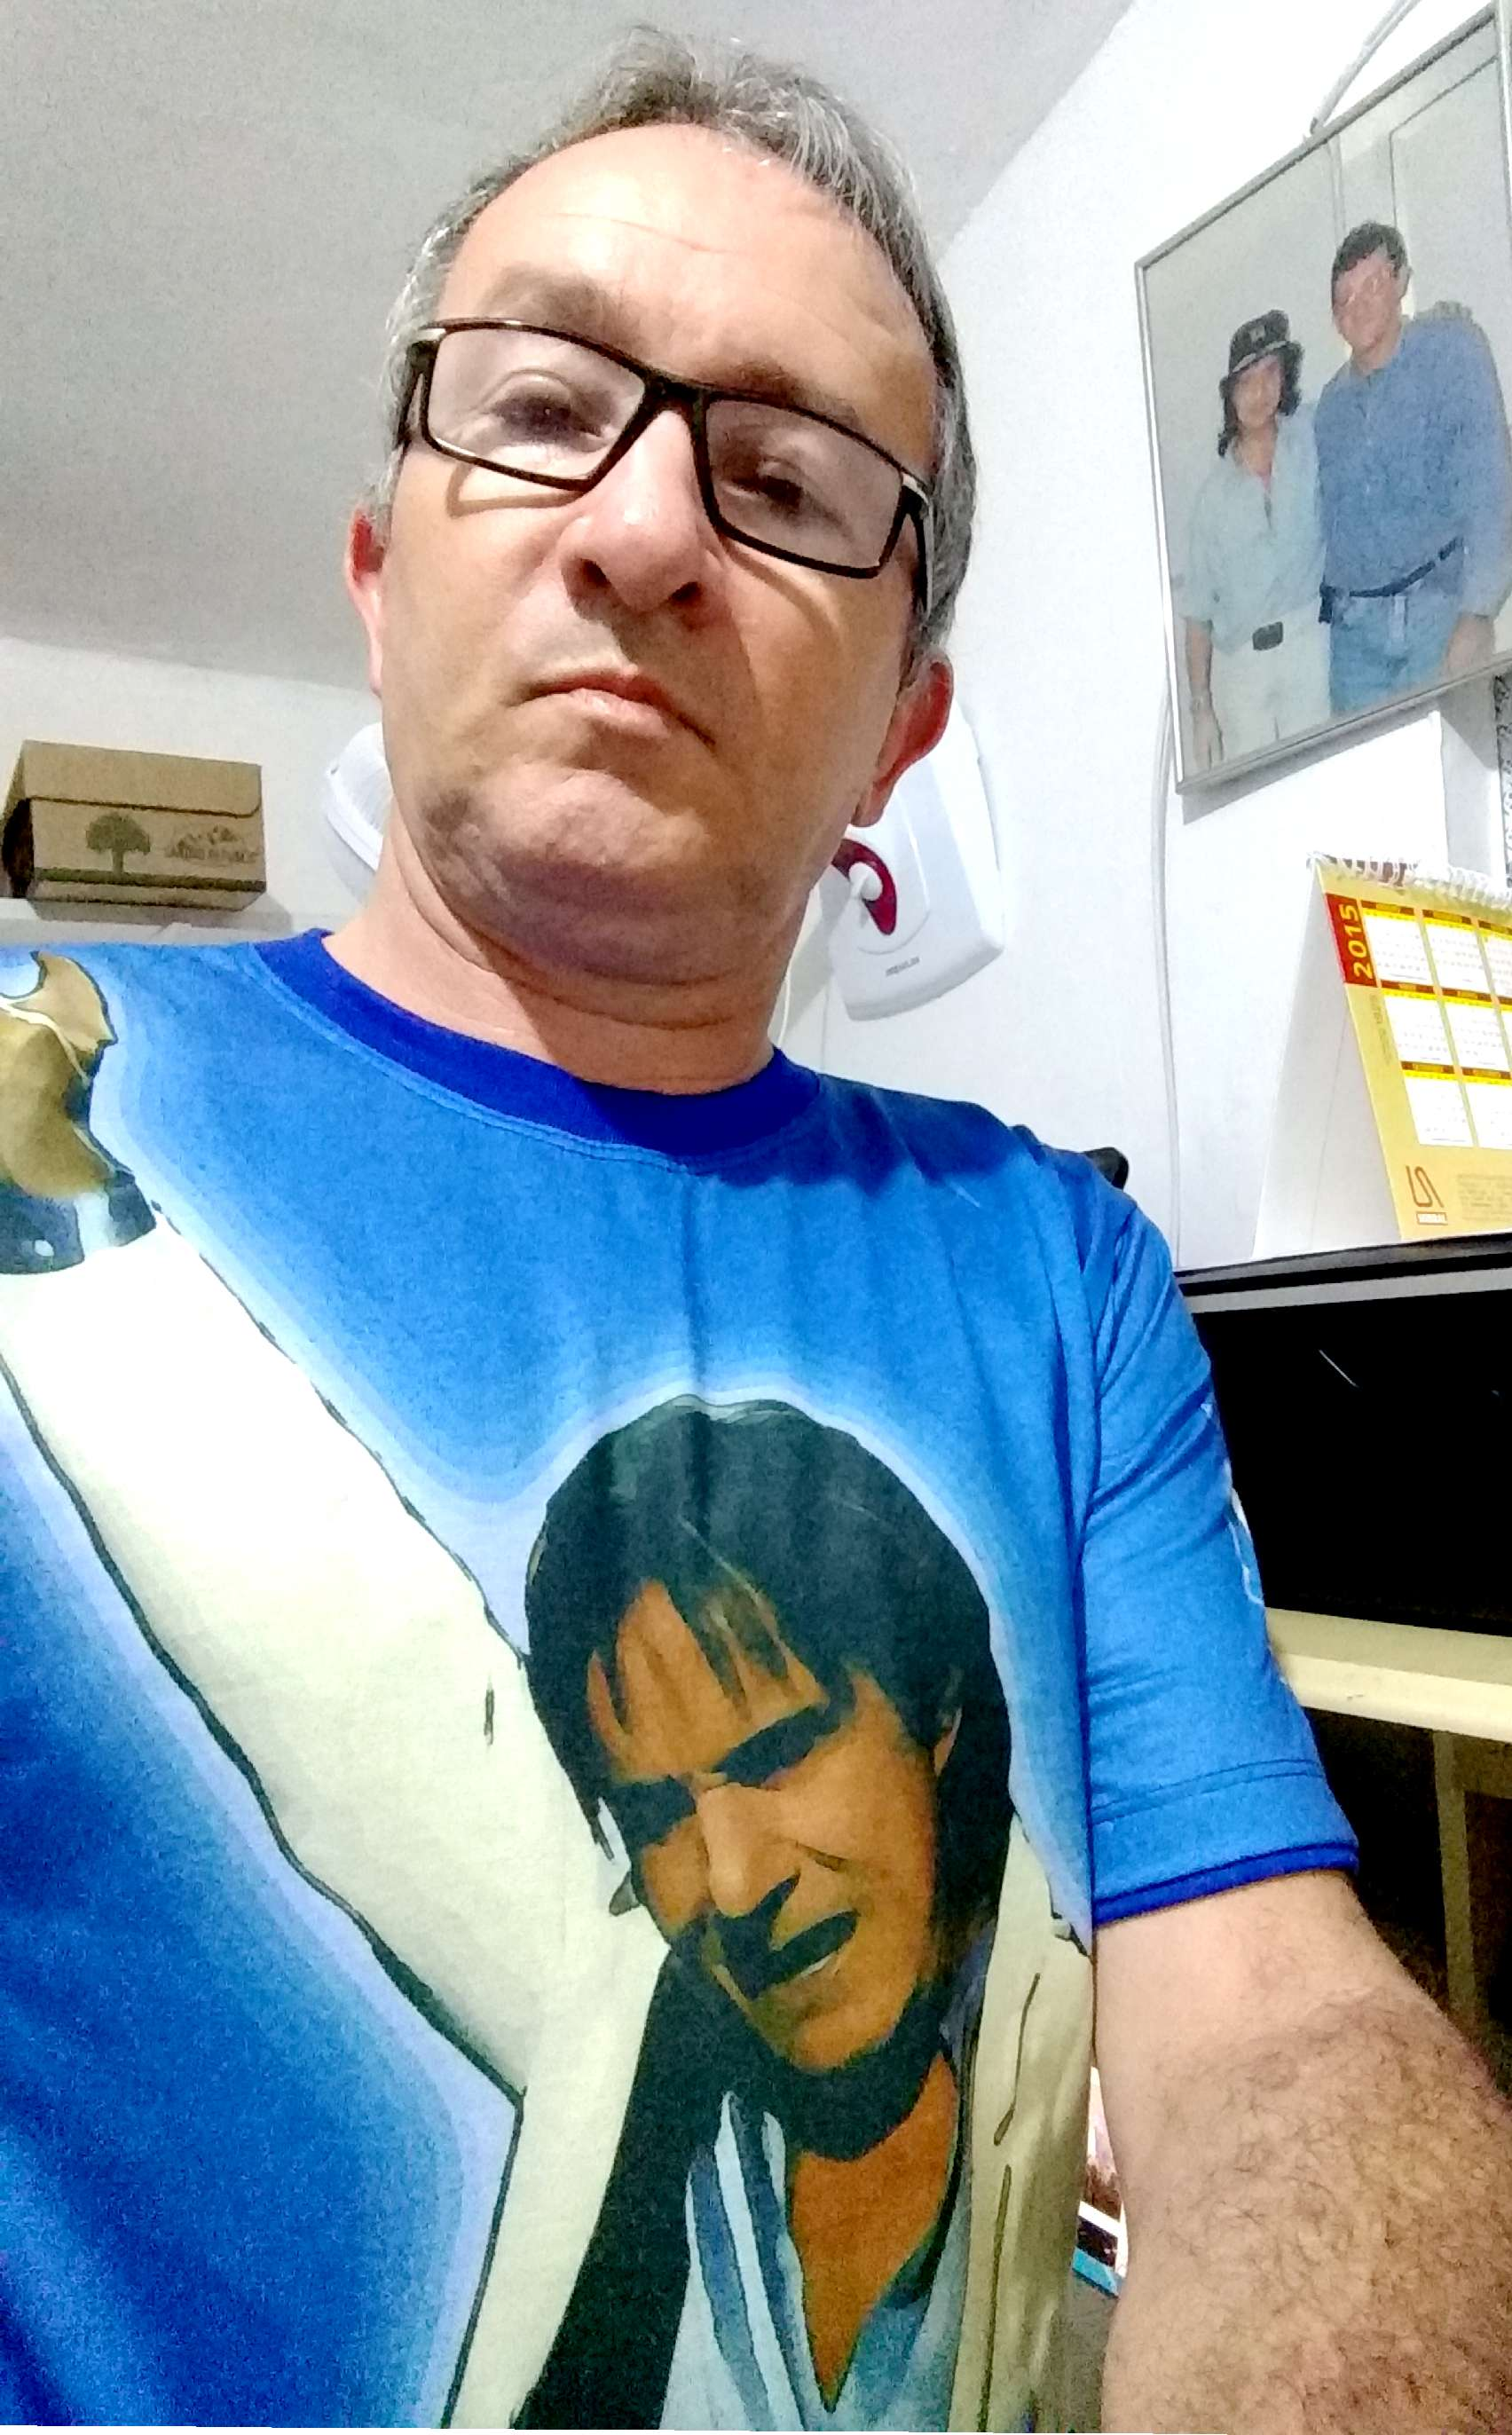 francisco de Assis de sousa brito - camisas que tenho em homenagem ao roberto carlos